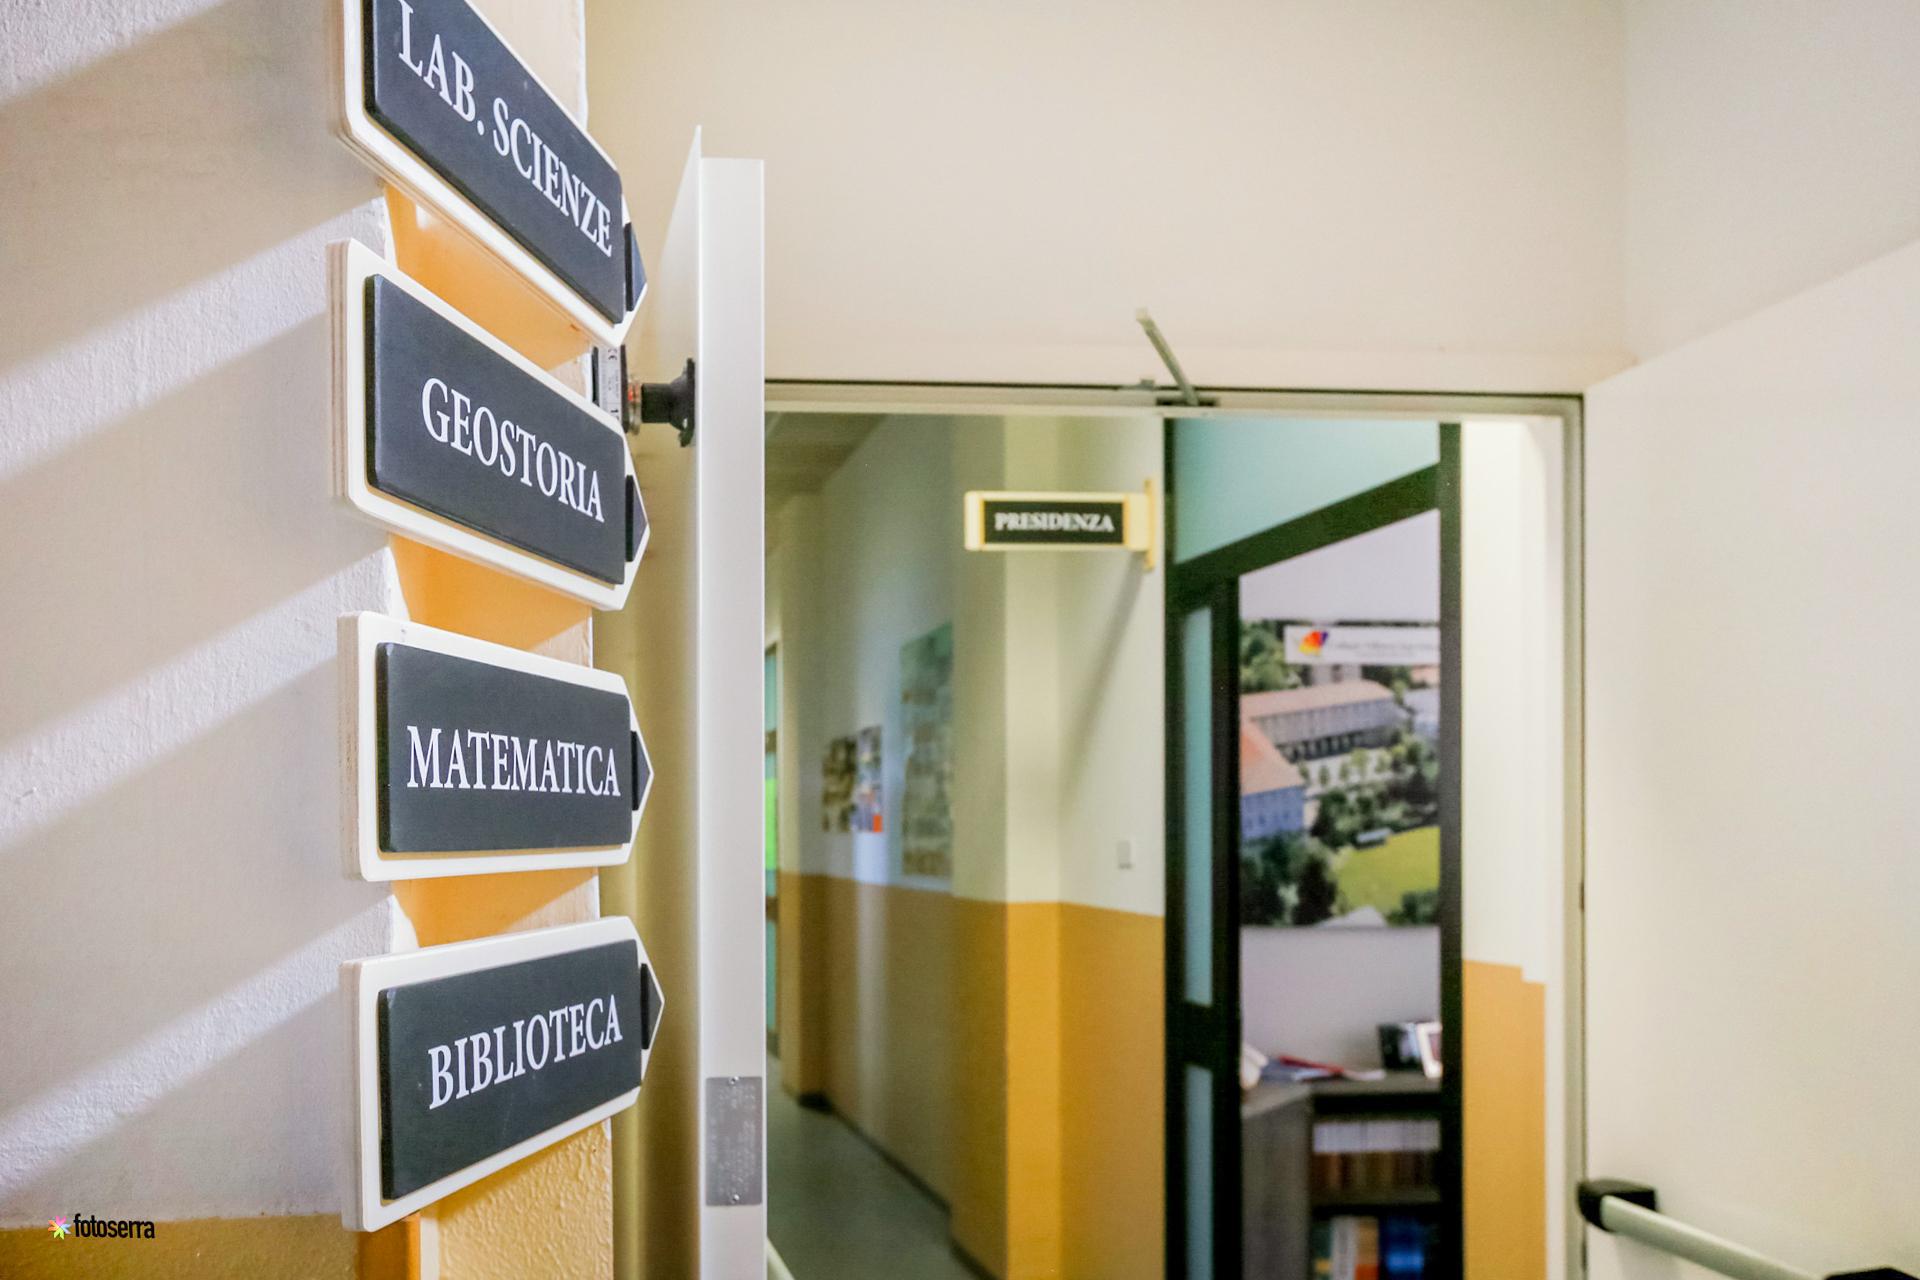 La sede di Merate del Collegio Villoresi: i corridoi interni